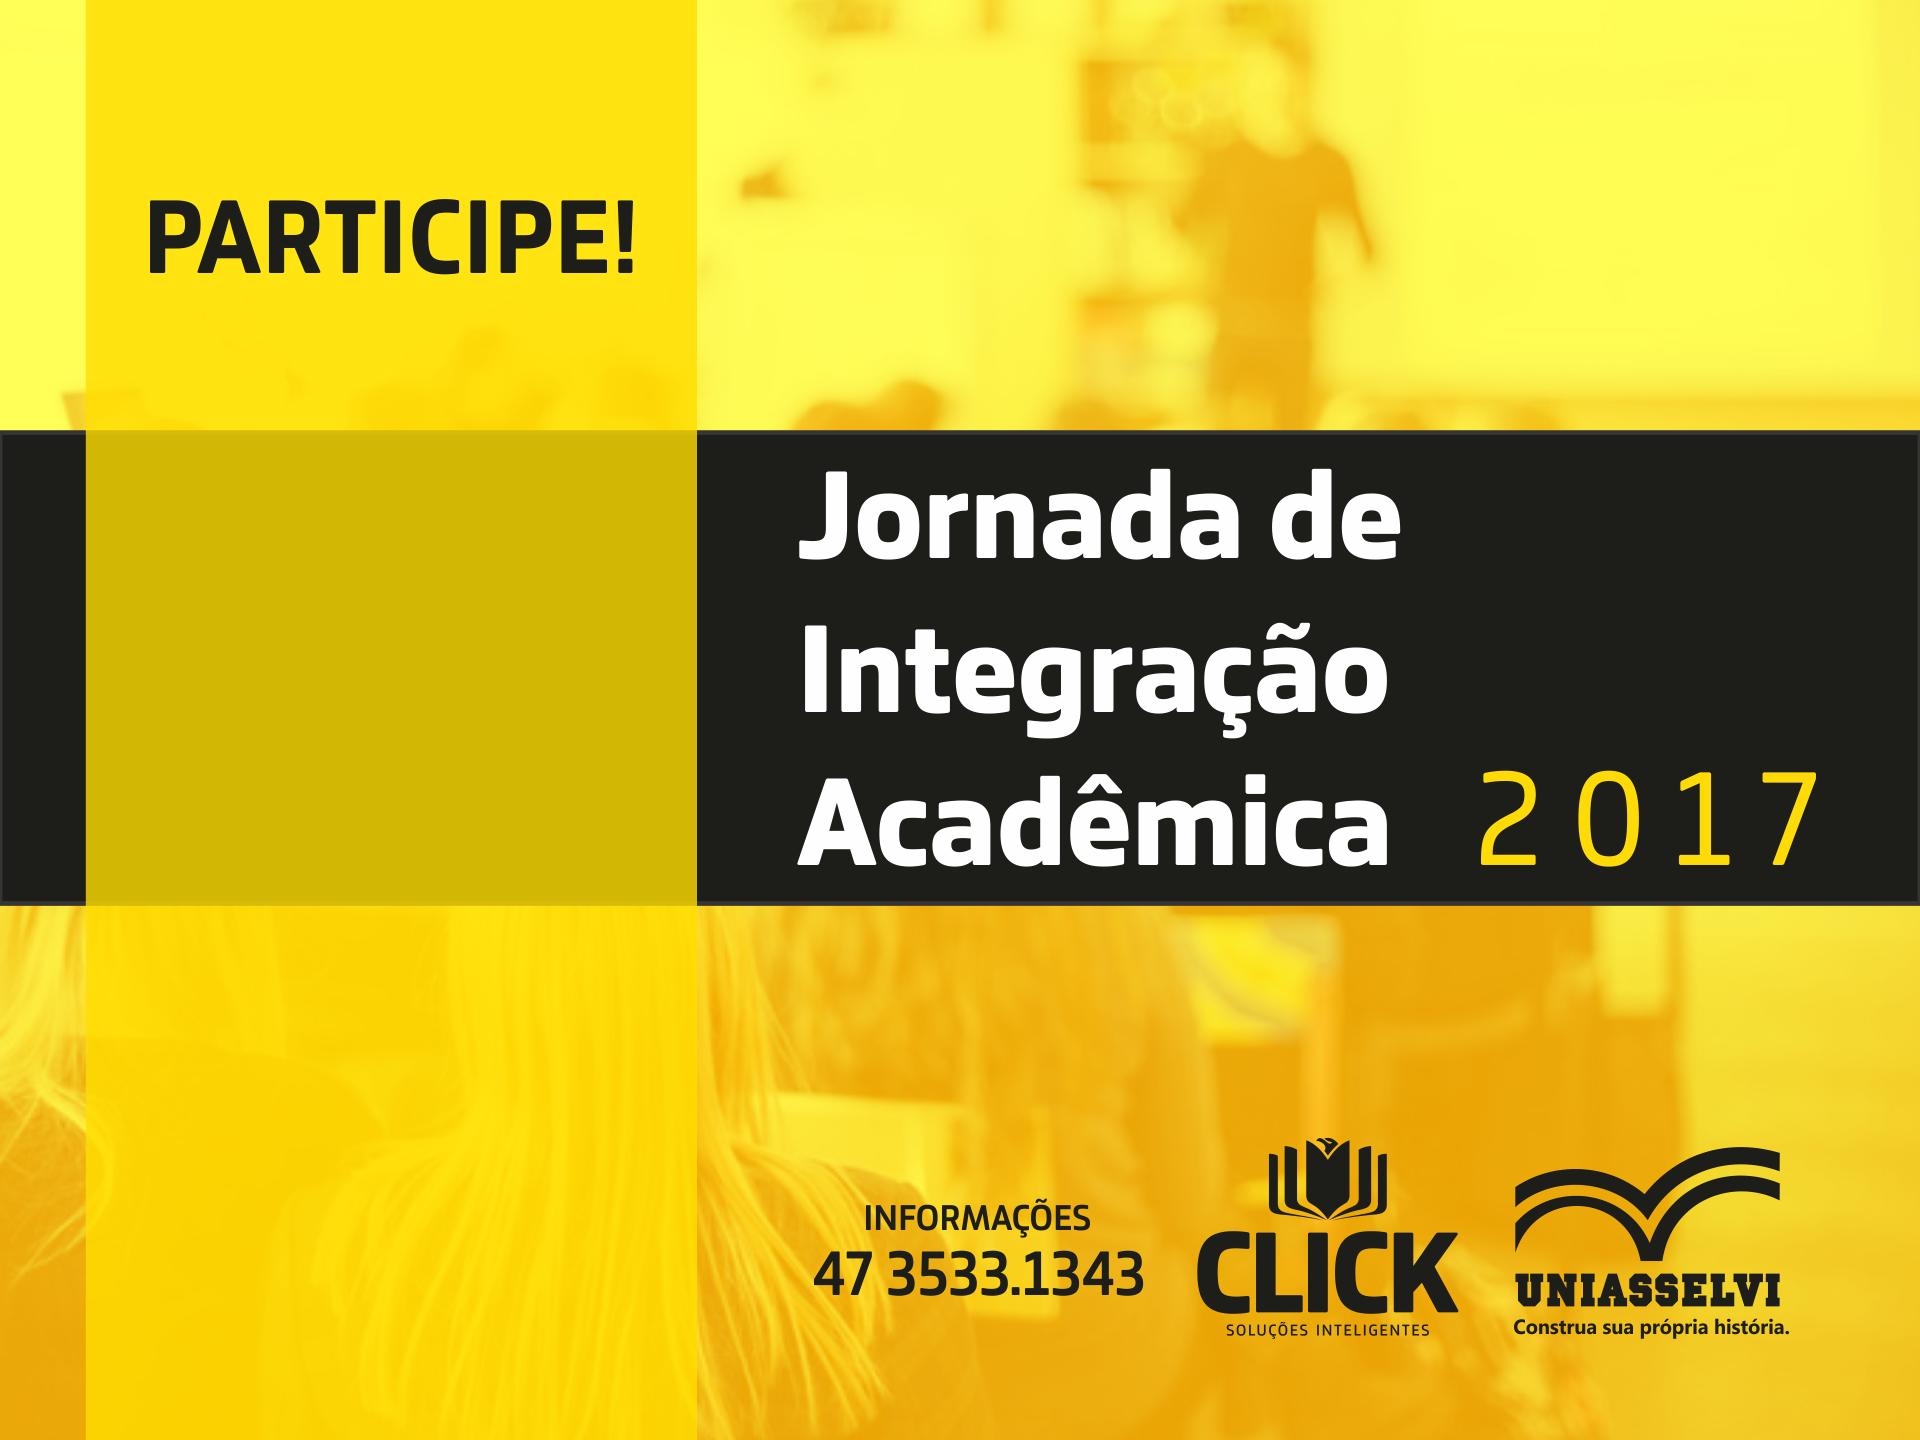 Jornada de Integração Acadêmica 2017